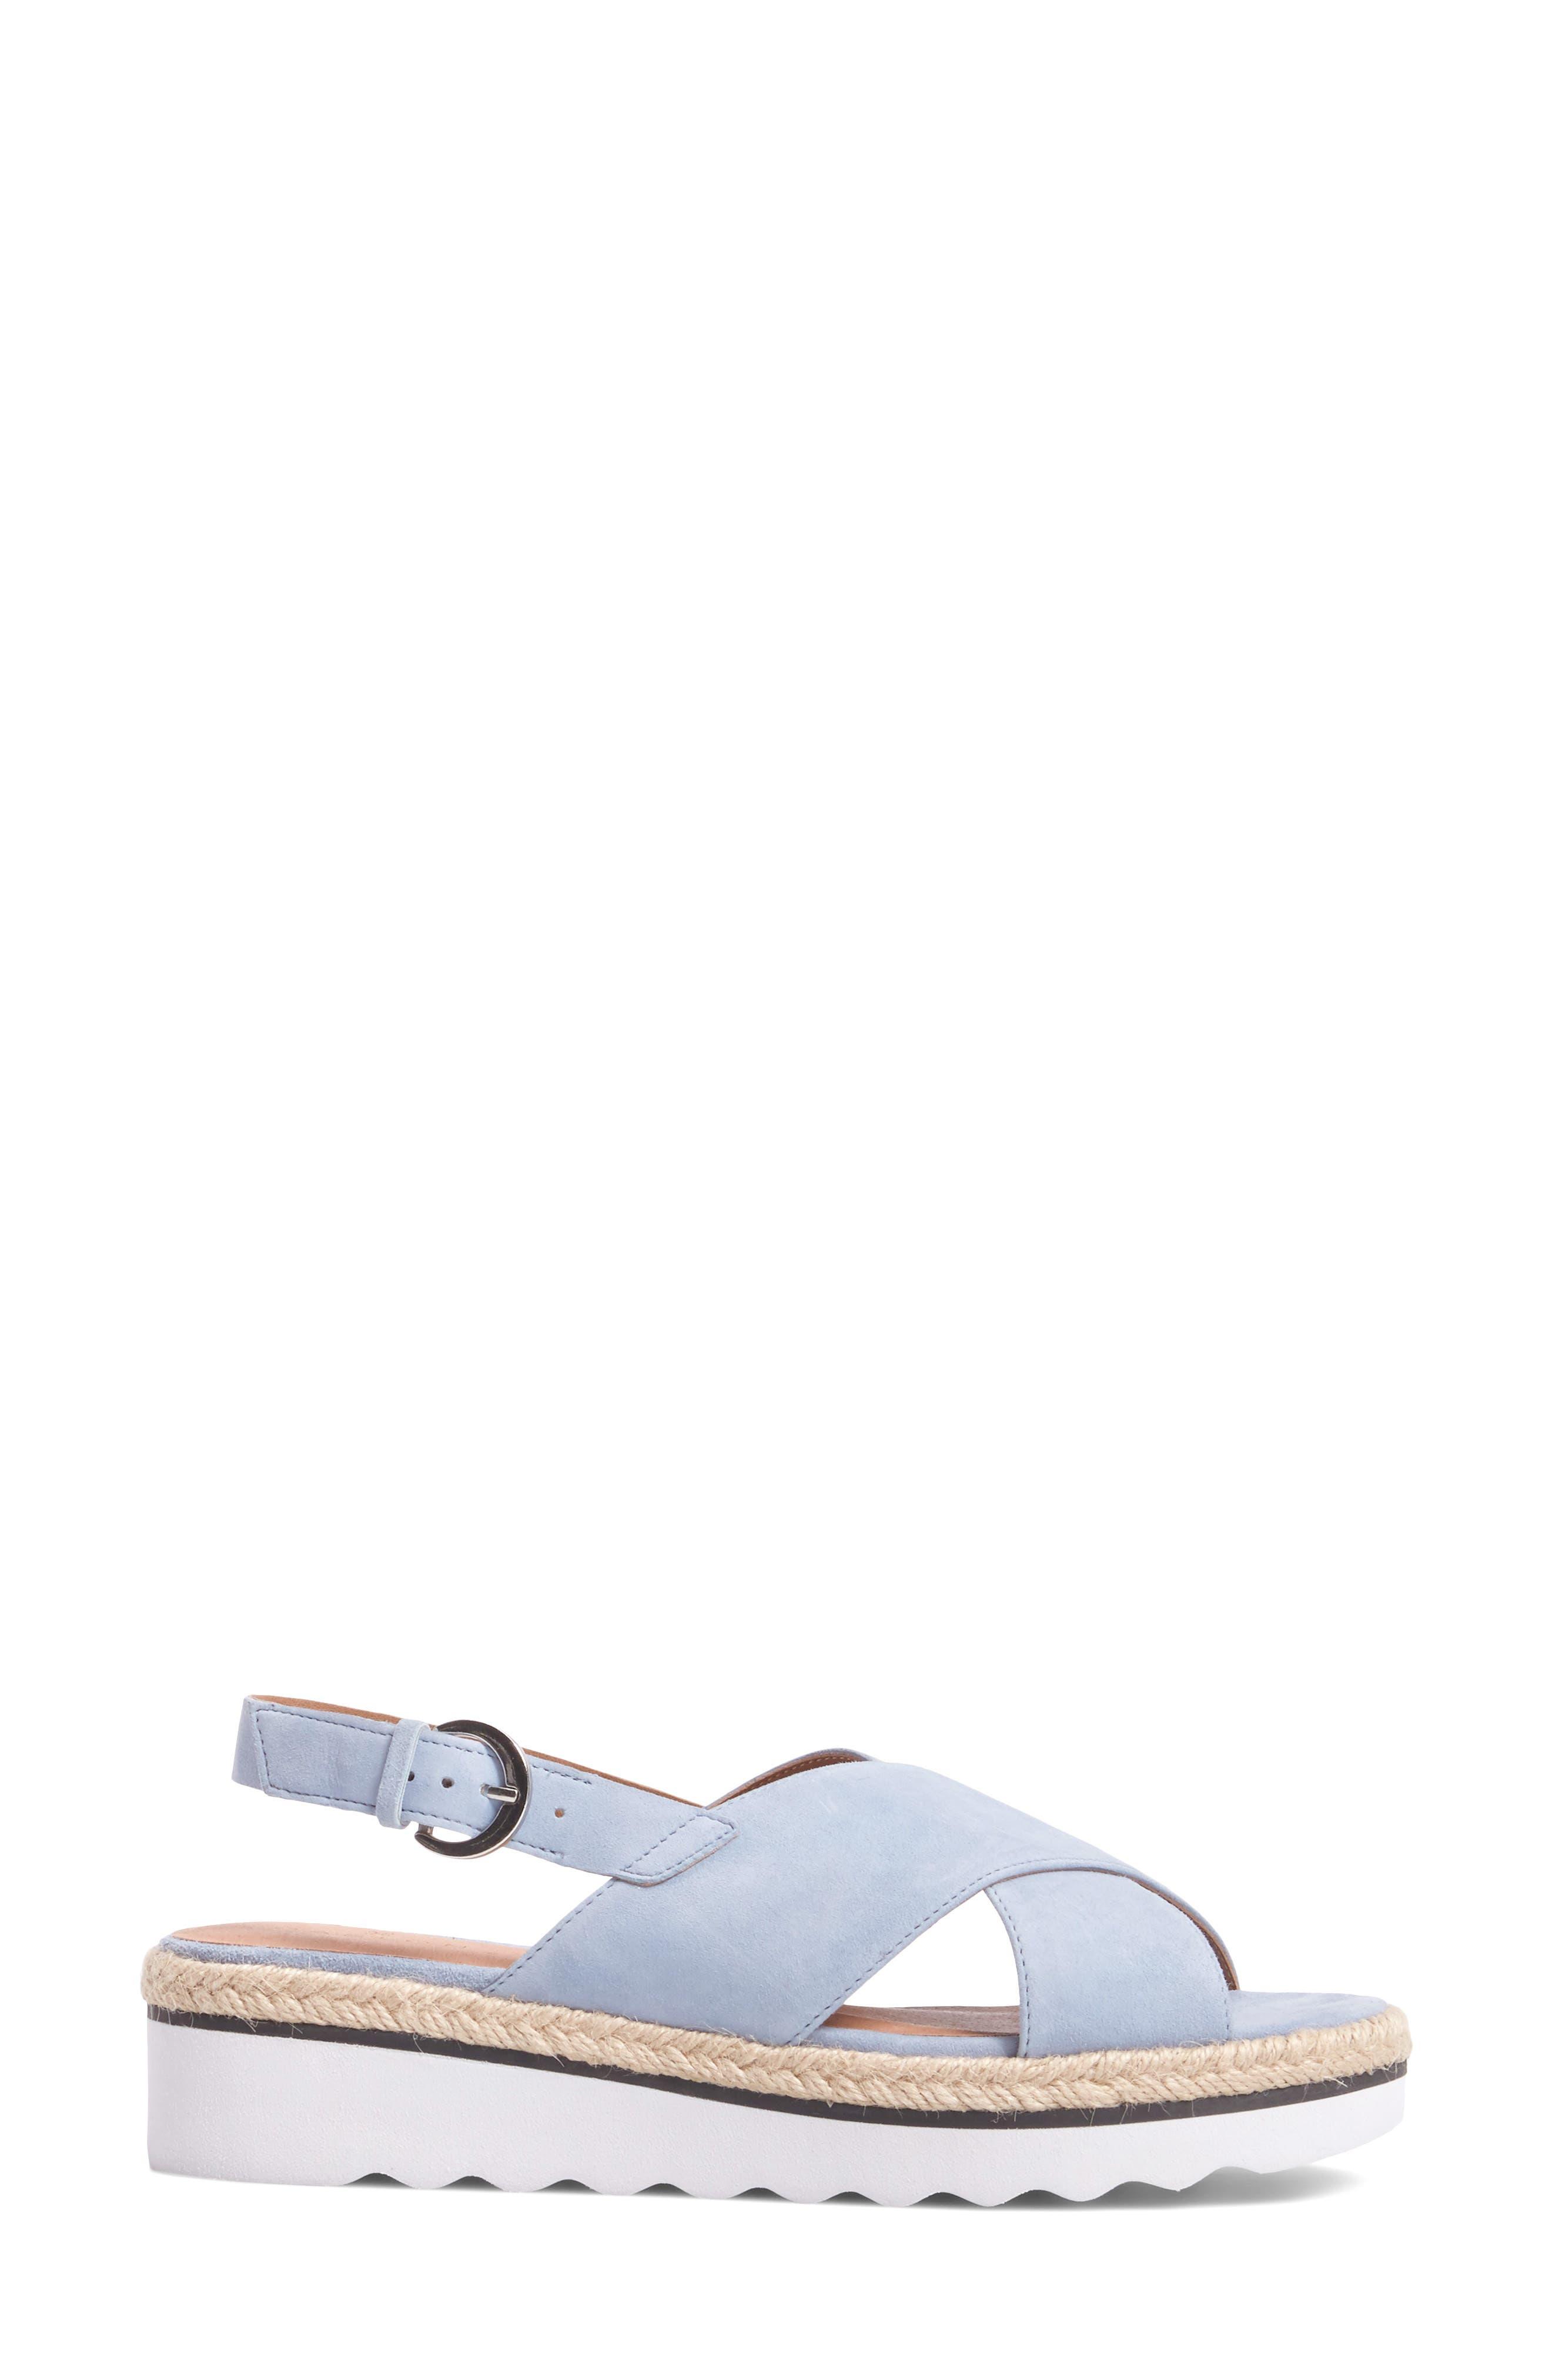 Alternate Image 3  - Caslon Lucas Slingback Sandal (Women)